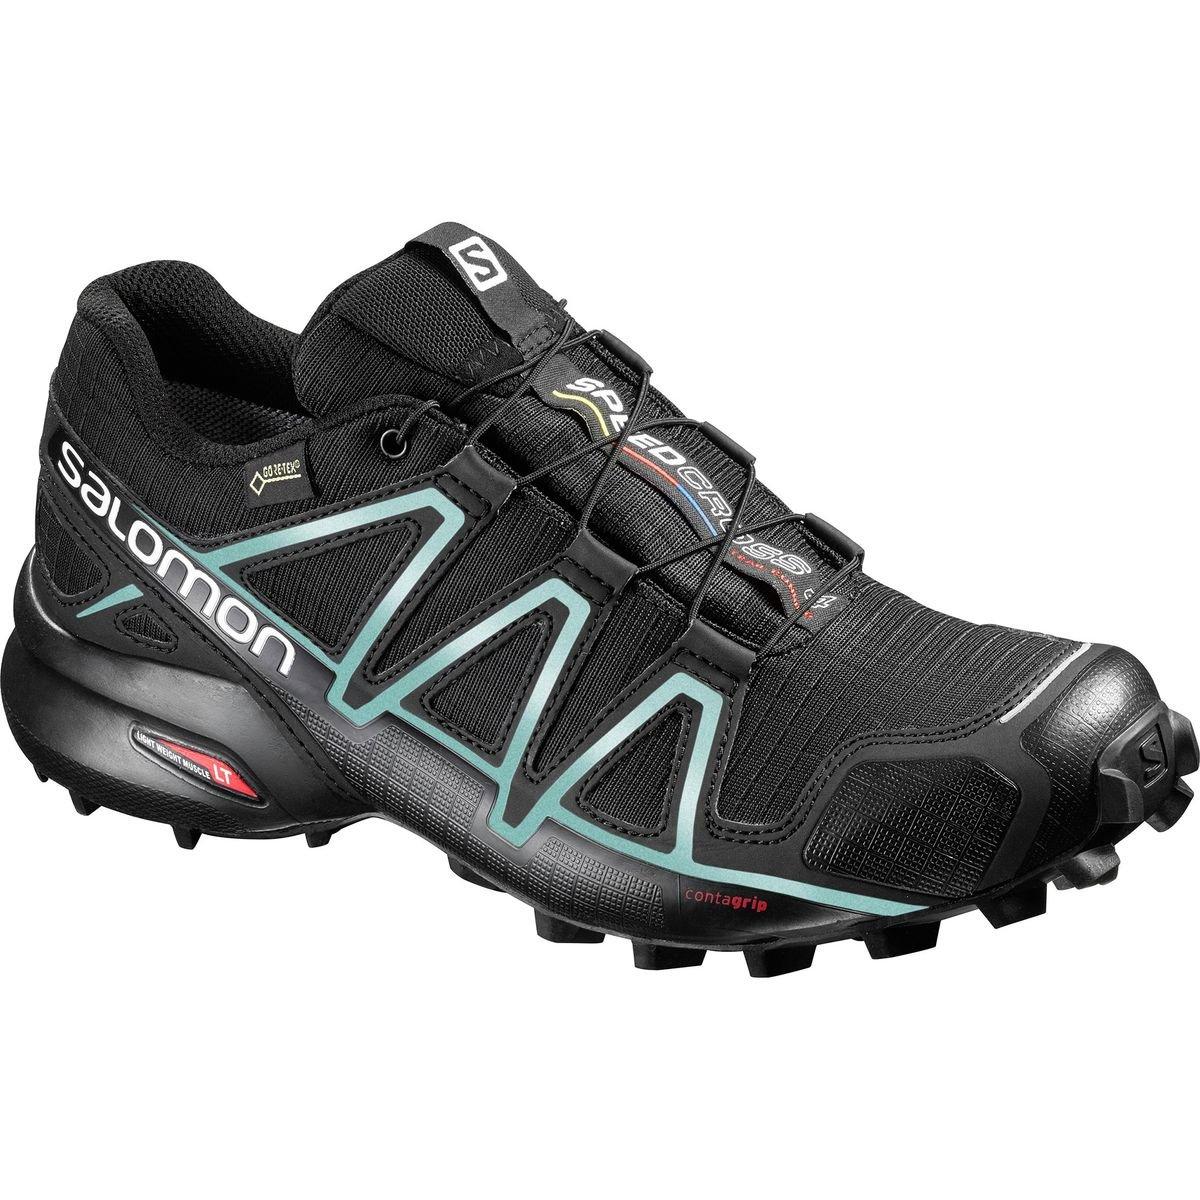 【送料無料】 サロモン スポーツ ランニング シューズ 4 Salomon Speedcross S 4 [並行輸入品] GTX Trail Running S Black/Blac [並行輸入品] B06XKPXX2Y US-8.0/UK-6.5, ブリリアントガーデン:9ac516f1 --- afisc.net